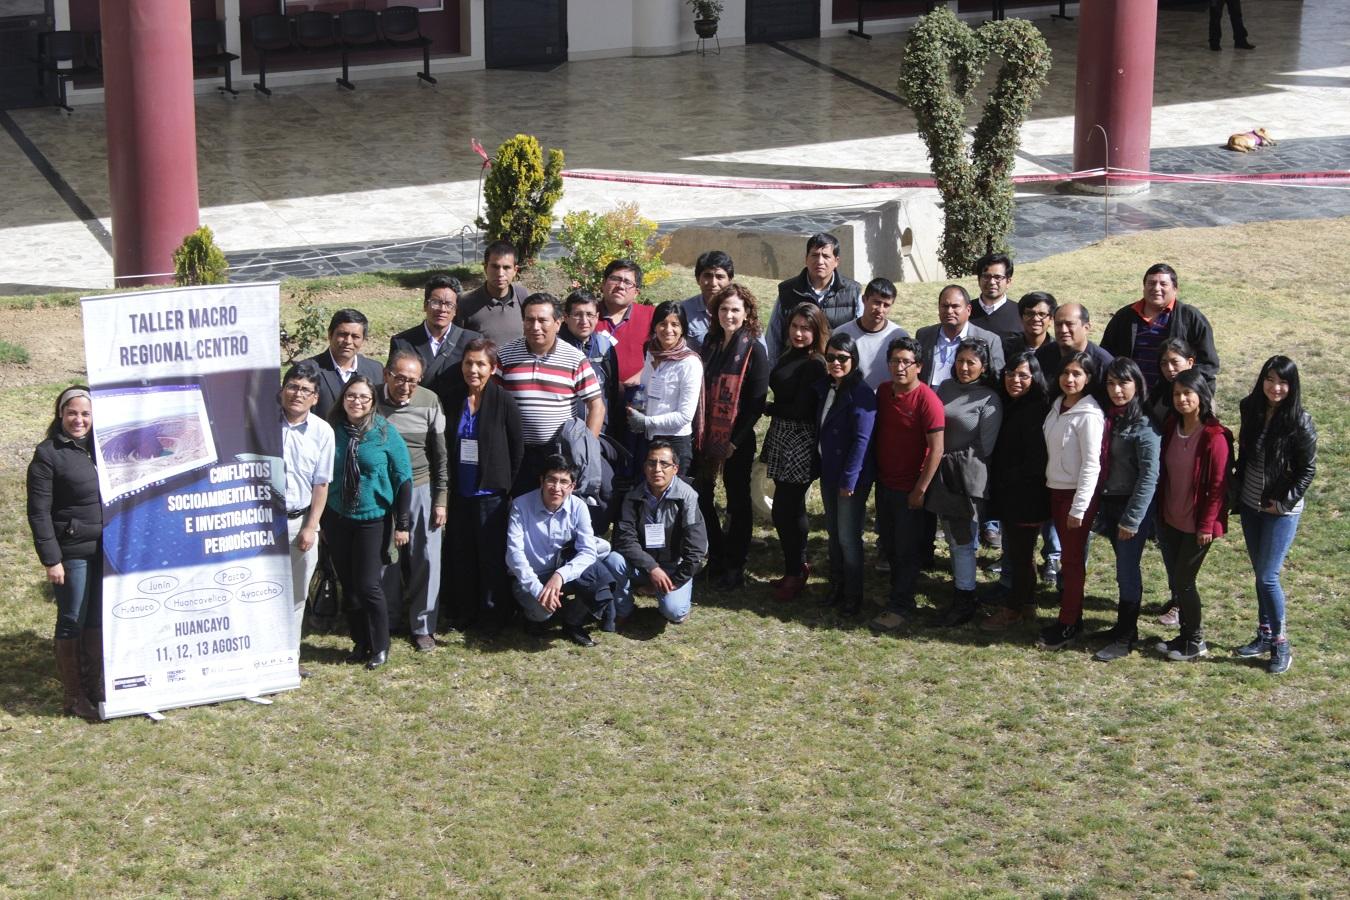 Segundo Taller Macro Regional de Periodismo de Investigación concluyó en Huancayo